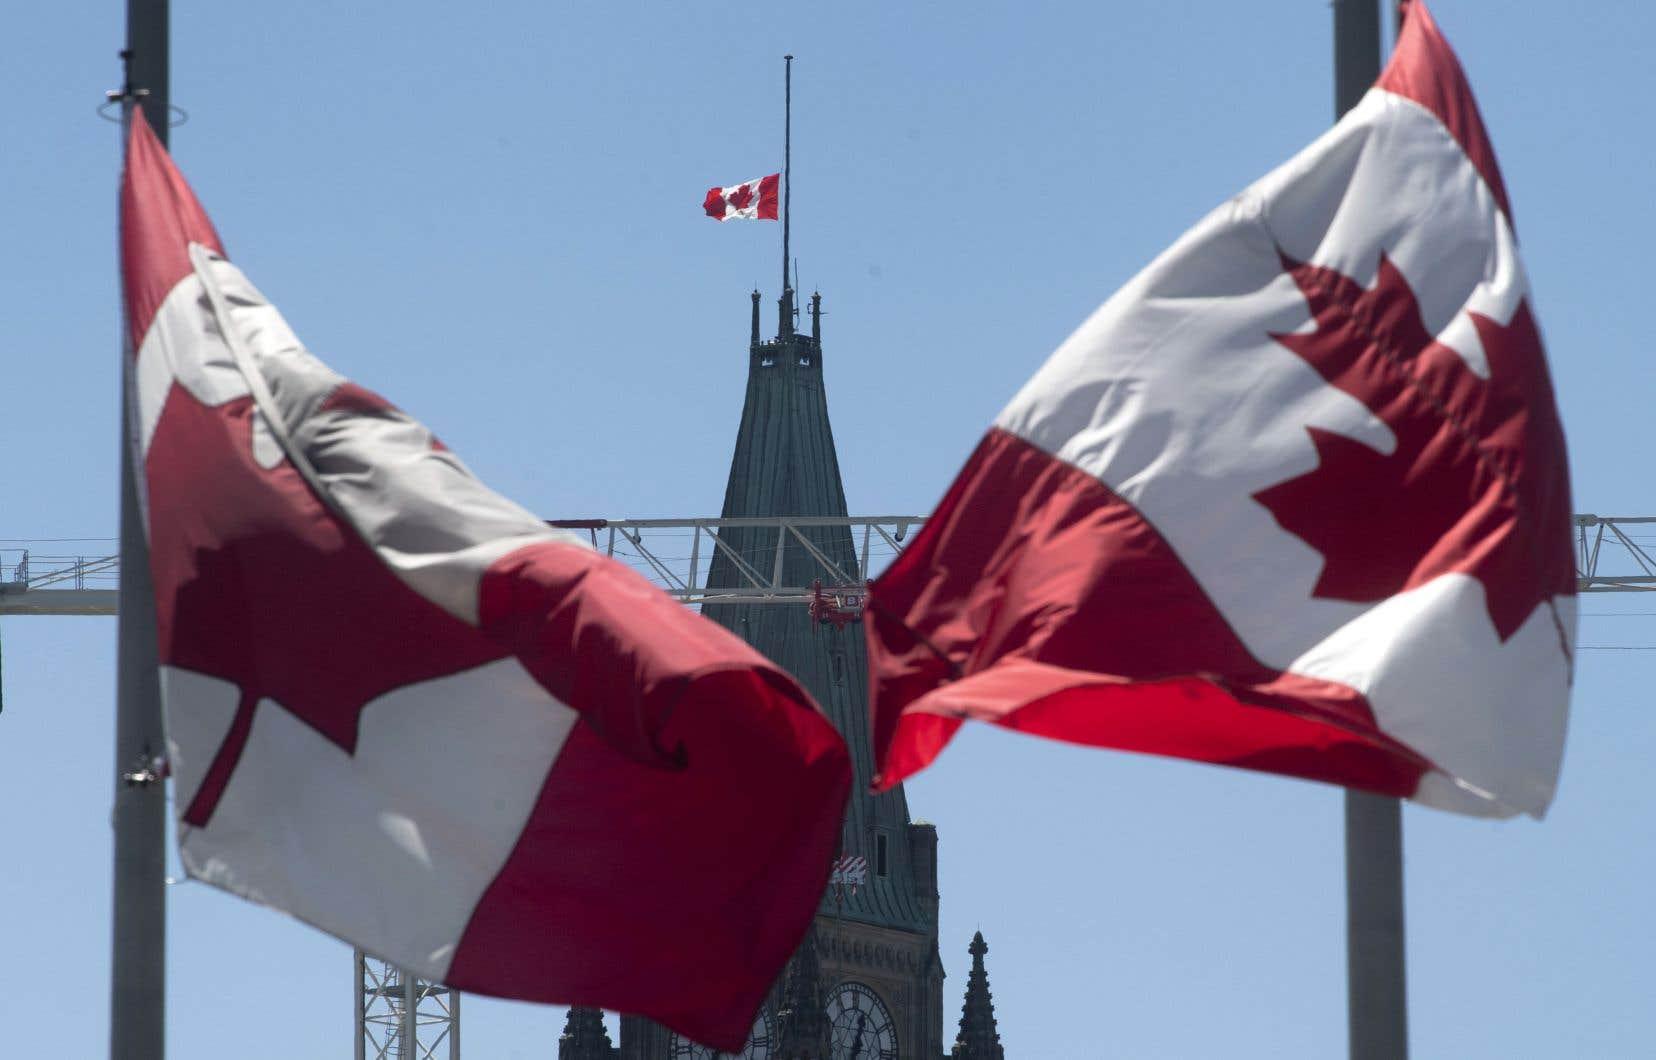 «Si nous ne pouvons pas ramener ceux que nous avons perdus, nous pouvons faire connaître la vérité sur les torts qu'ils ont subis — et nous le ferons. Nous honorerons à jamais leur mémoire», a assuréJustin Trudeau.